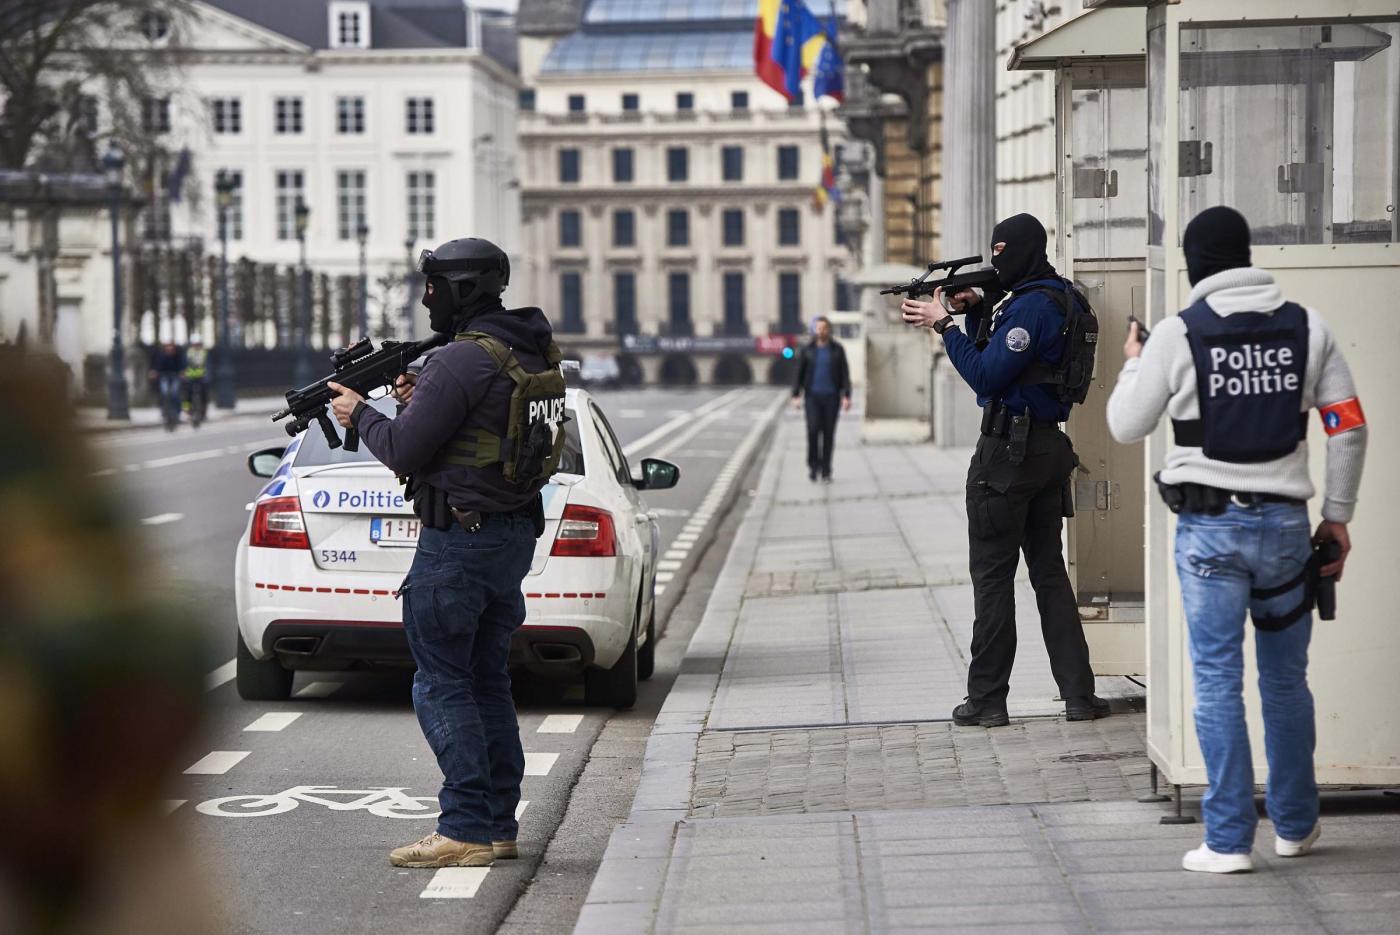 Bruxelles sotto attacco: kamikaze in aeroporto e bombe nel metr